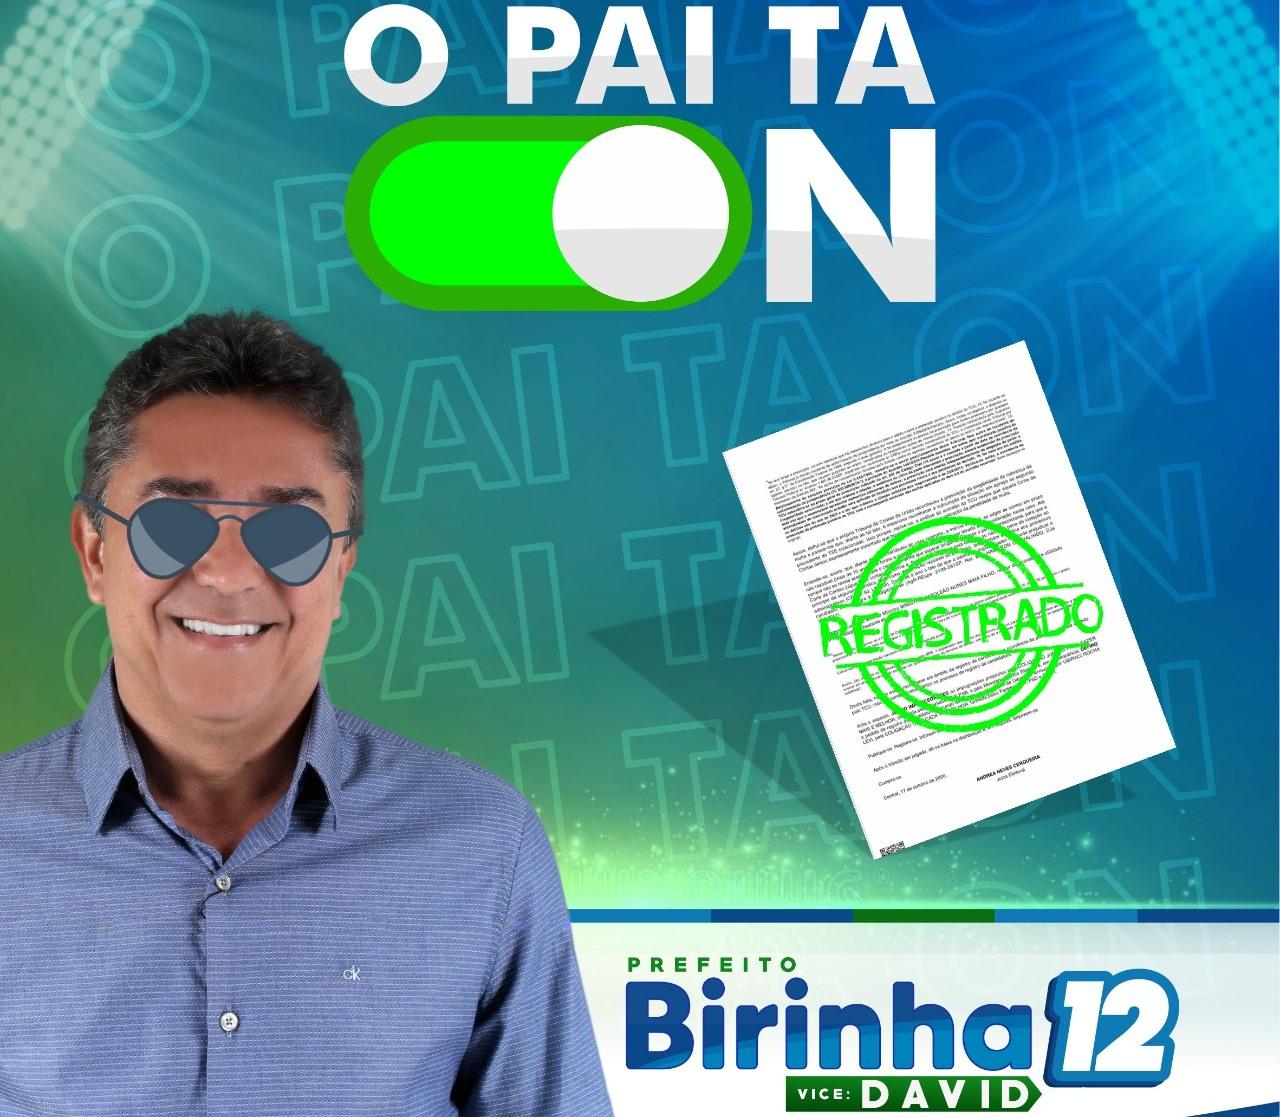 Justia-confirma-candidatura-de-Birinha-Levi-em-Uiba